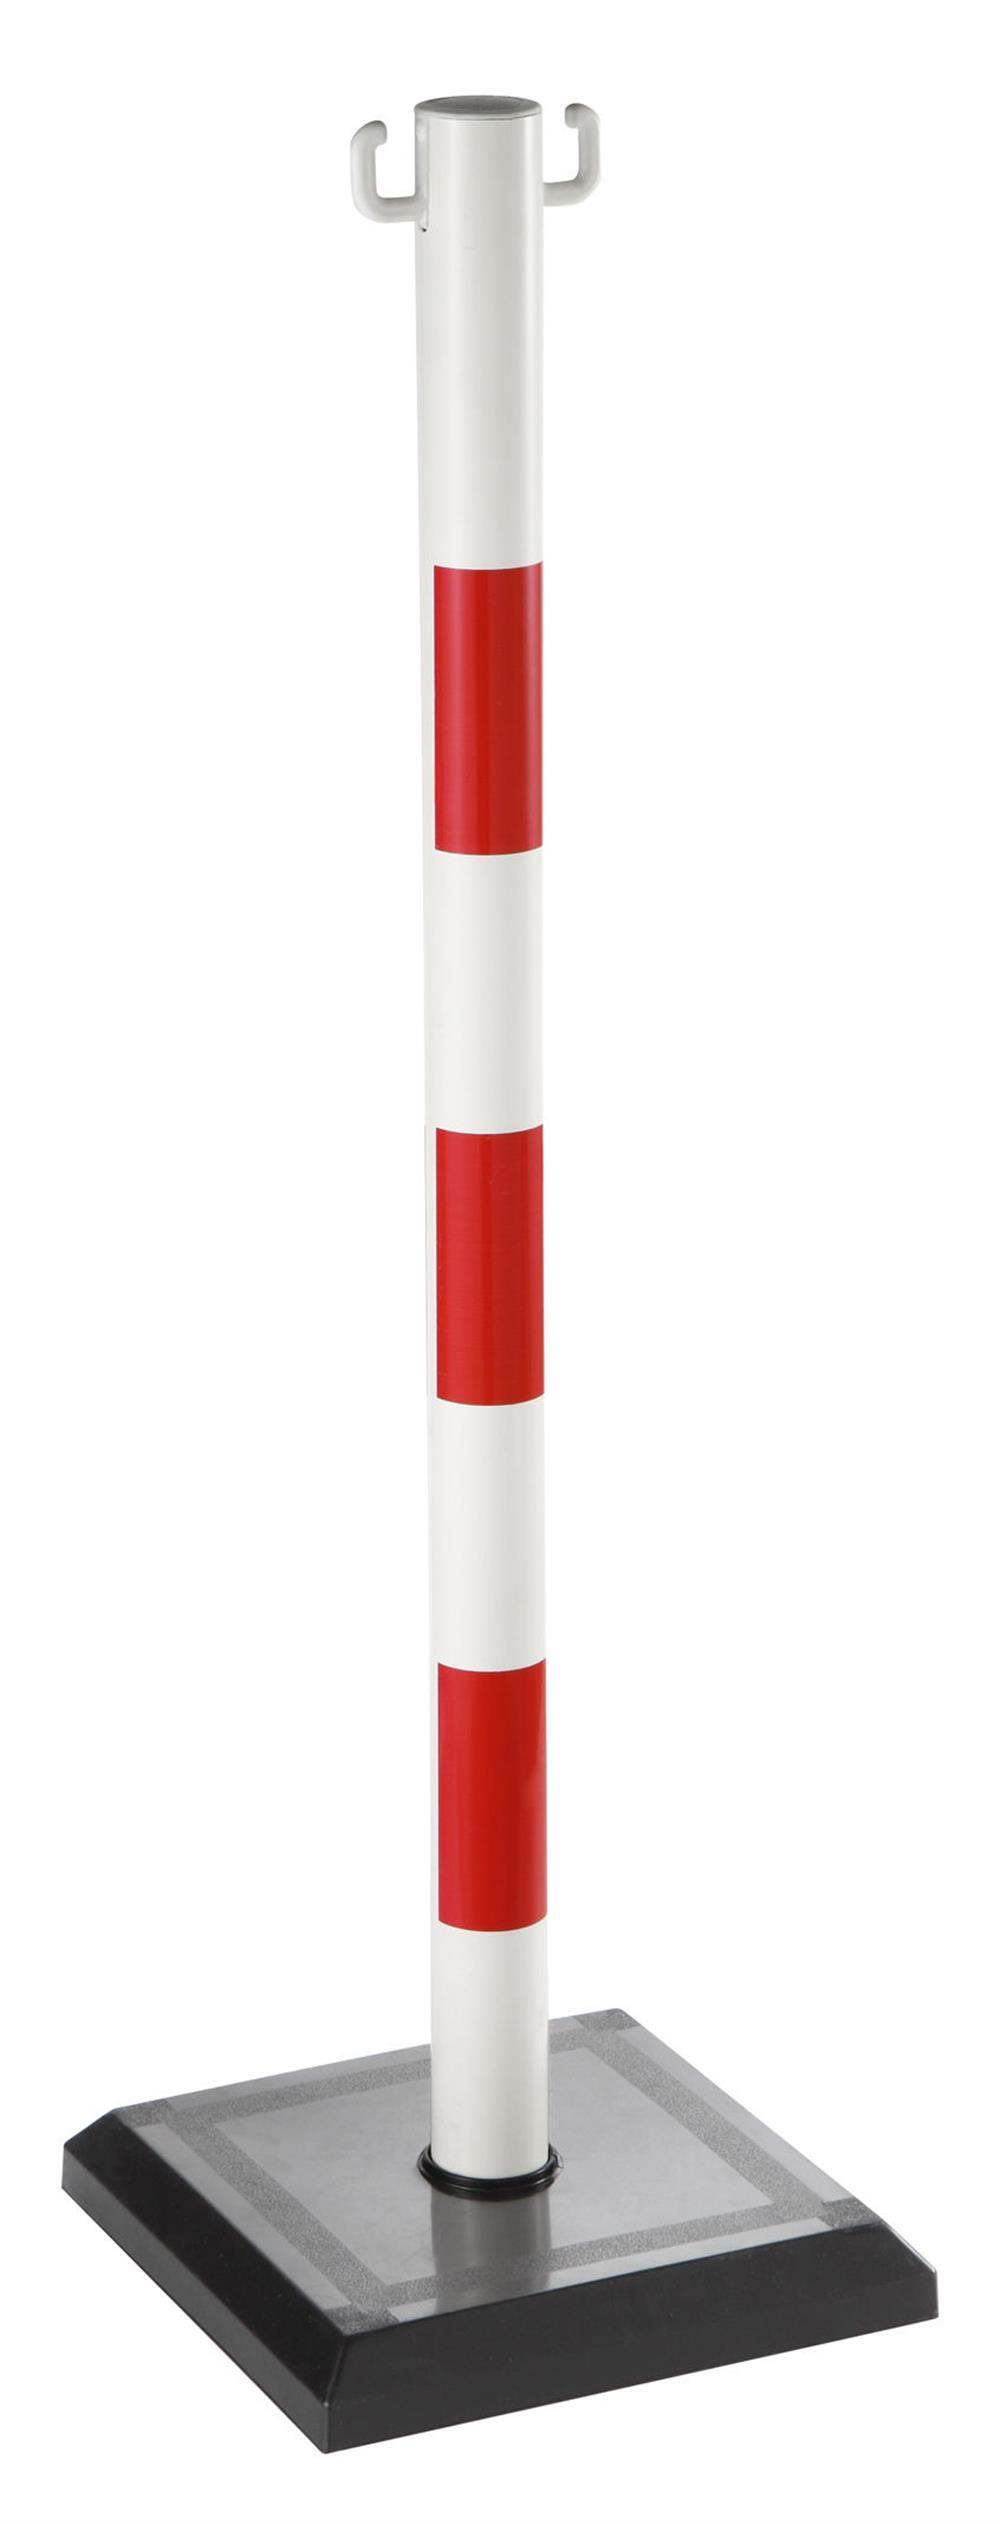 Baliza soporte rojo y blanco